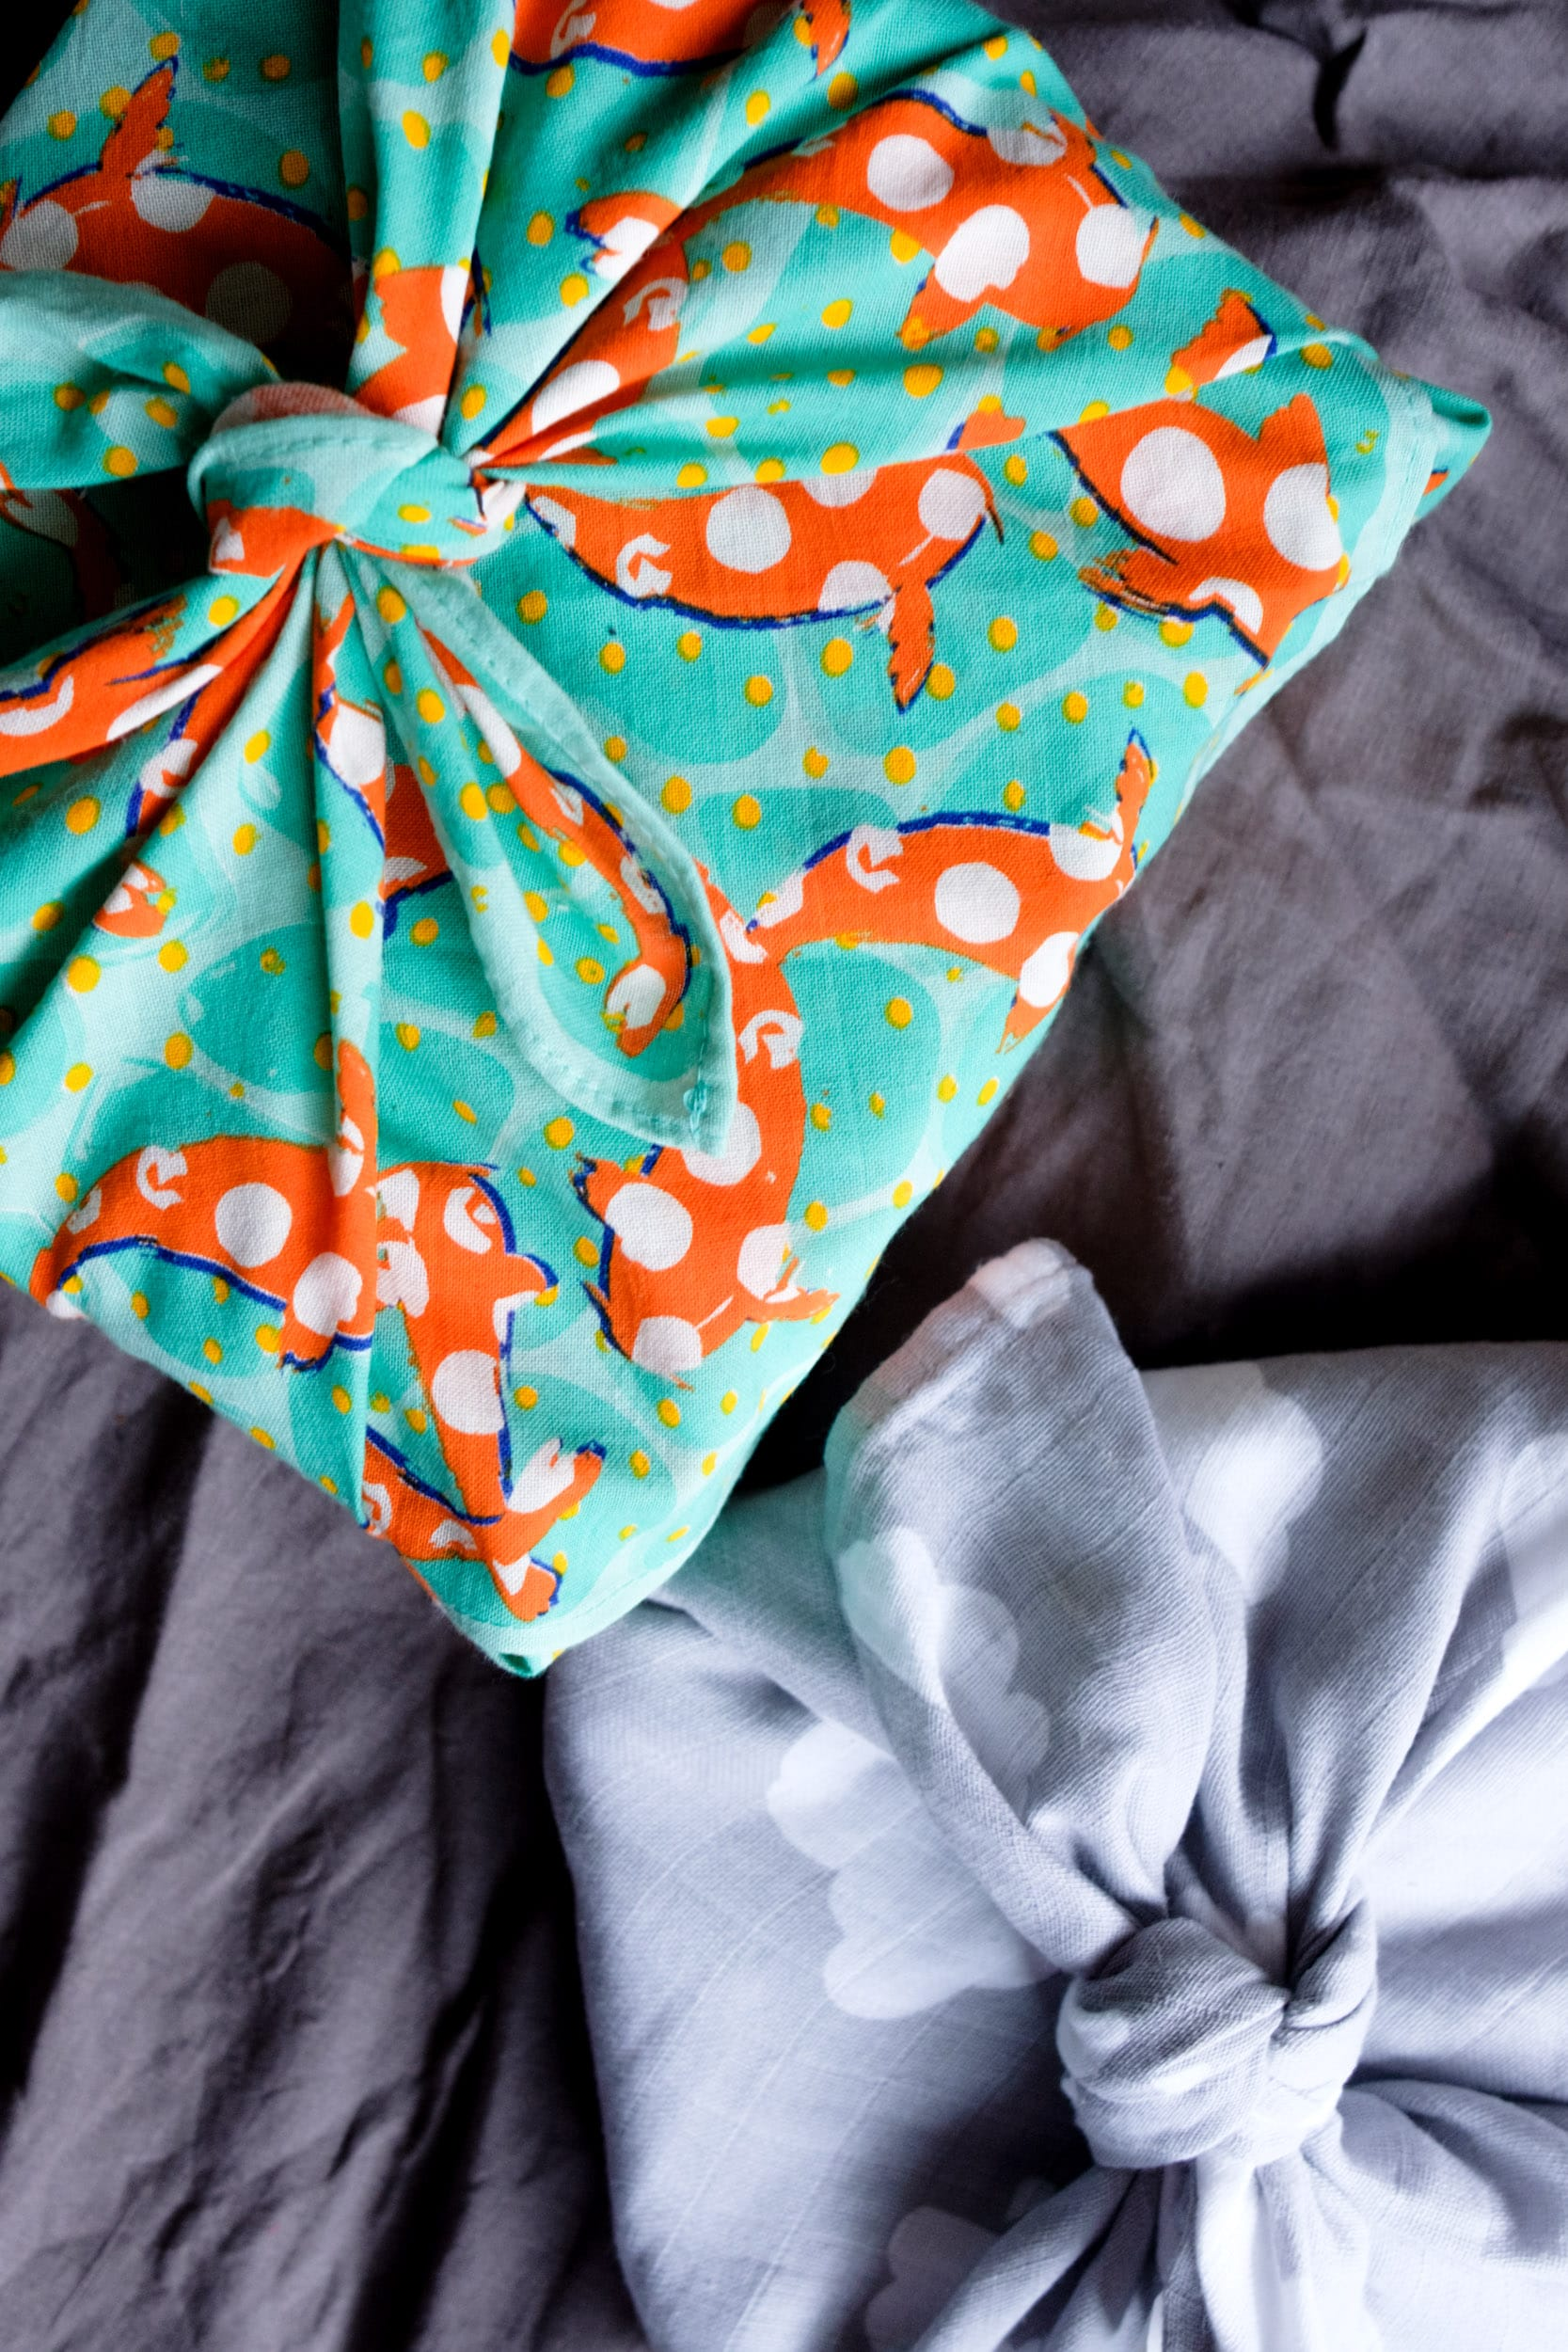 Geschenke nachhaltig verpacken | Nachhaltige Geschenkverpackungen | Zero Waste | Low Waste | Geschenke verpacken ohne Geschenkpapier | Upcycling | Recycling | Umweltfreundlich | Alternative Geschenkverpackungen | Weihnachtsgeschenke | Geburtstagsgeschenke | Naturdeko | Furoshiki | Verpacken mit Stoff | ivy.li